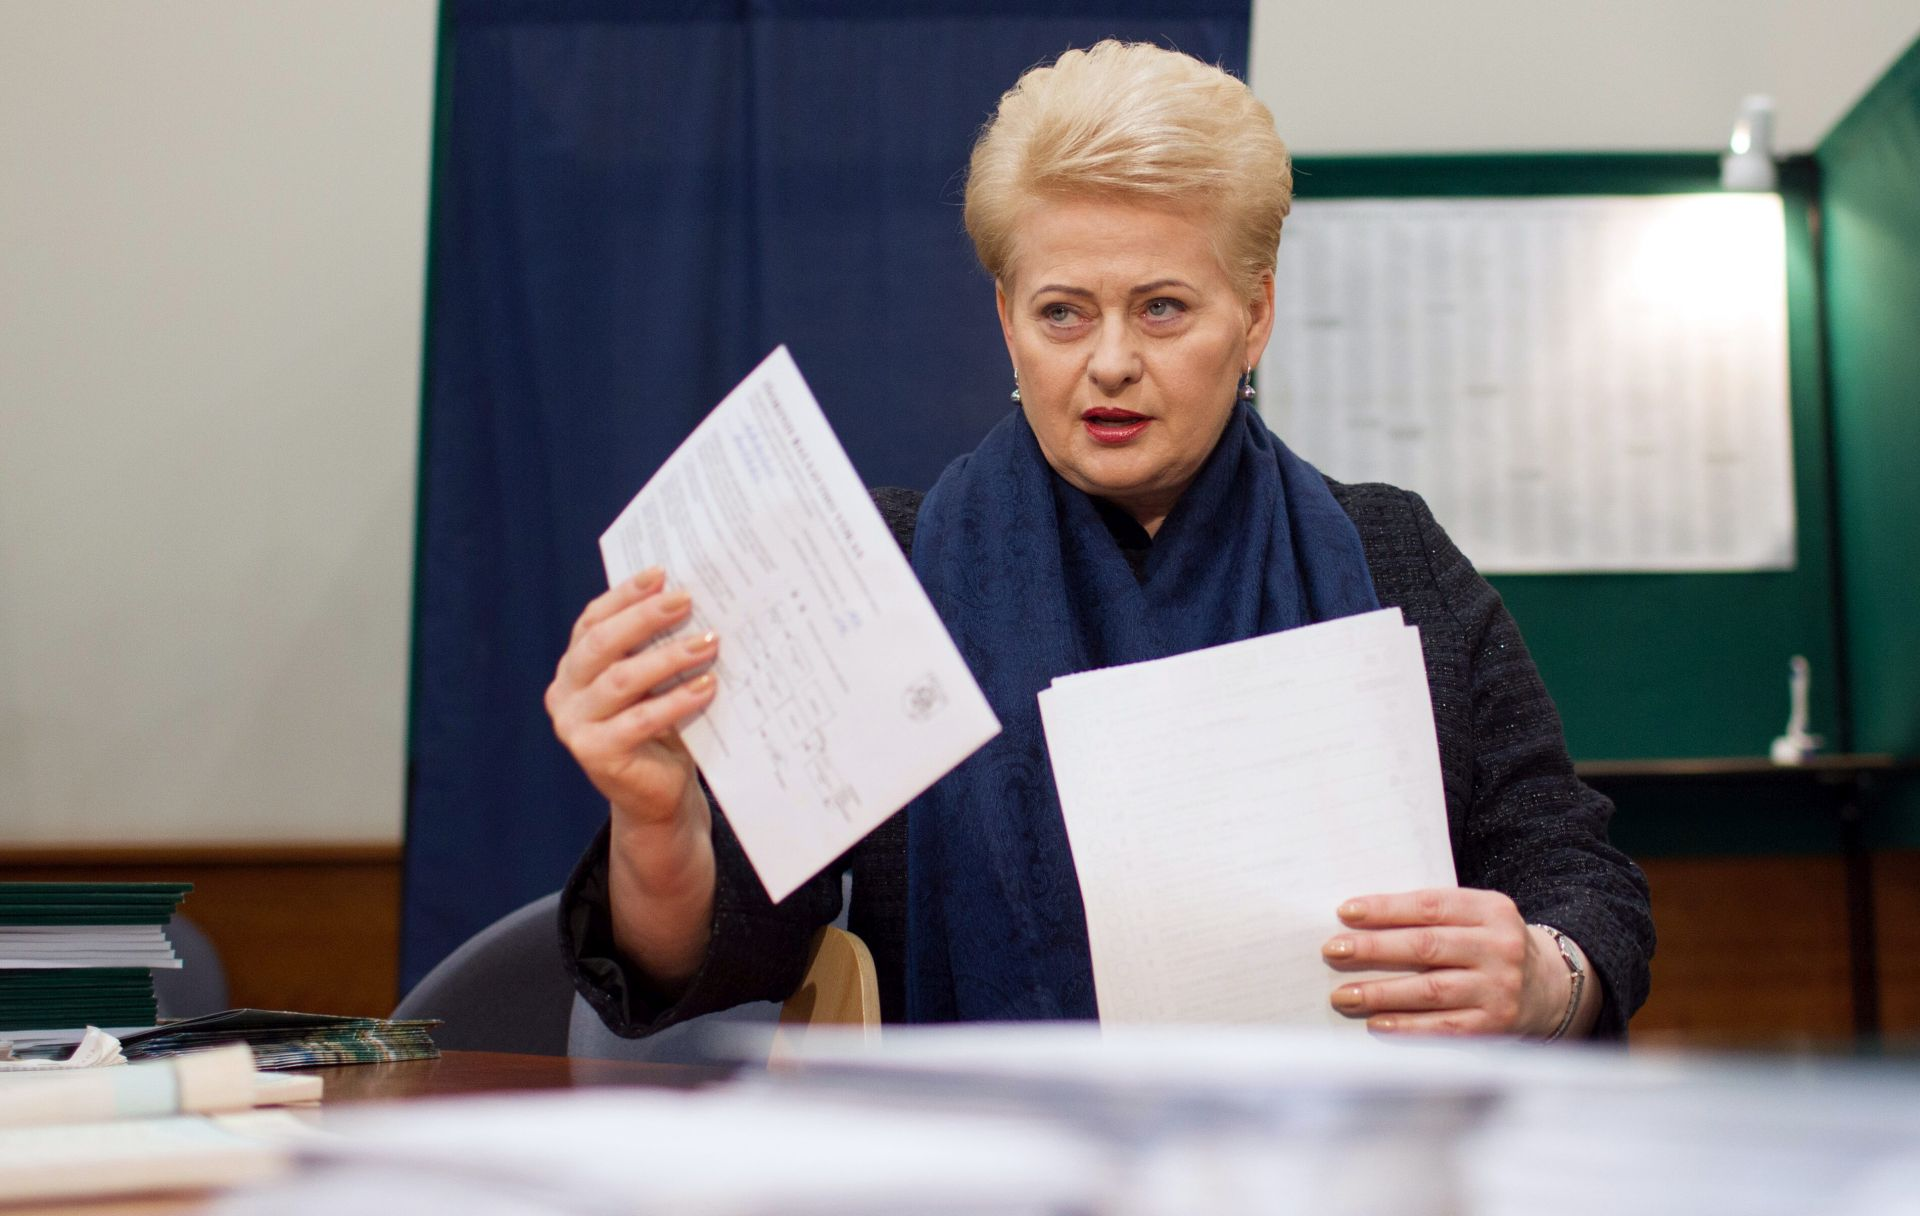 PARLAMENTARNI IZBORI U LITVI: Socijaldemokrati se bore za opstanak